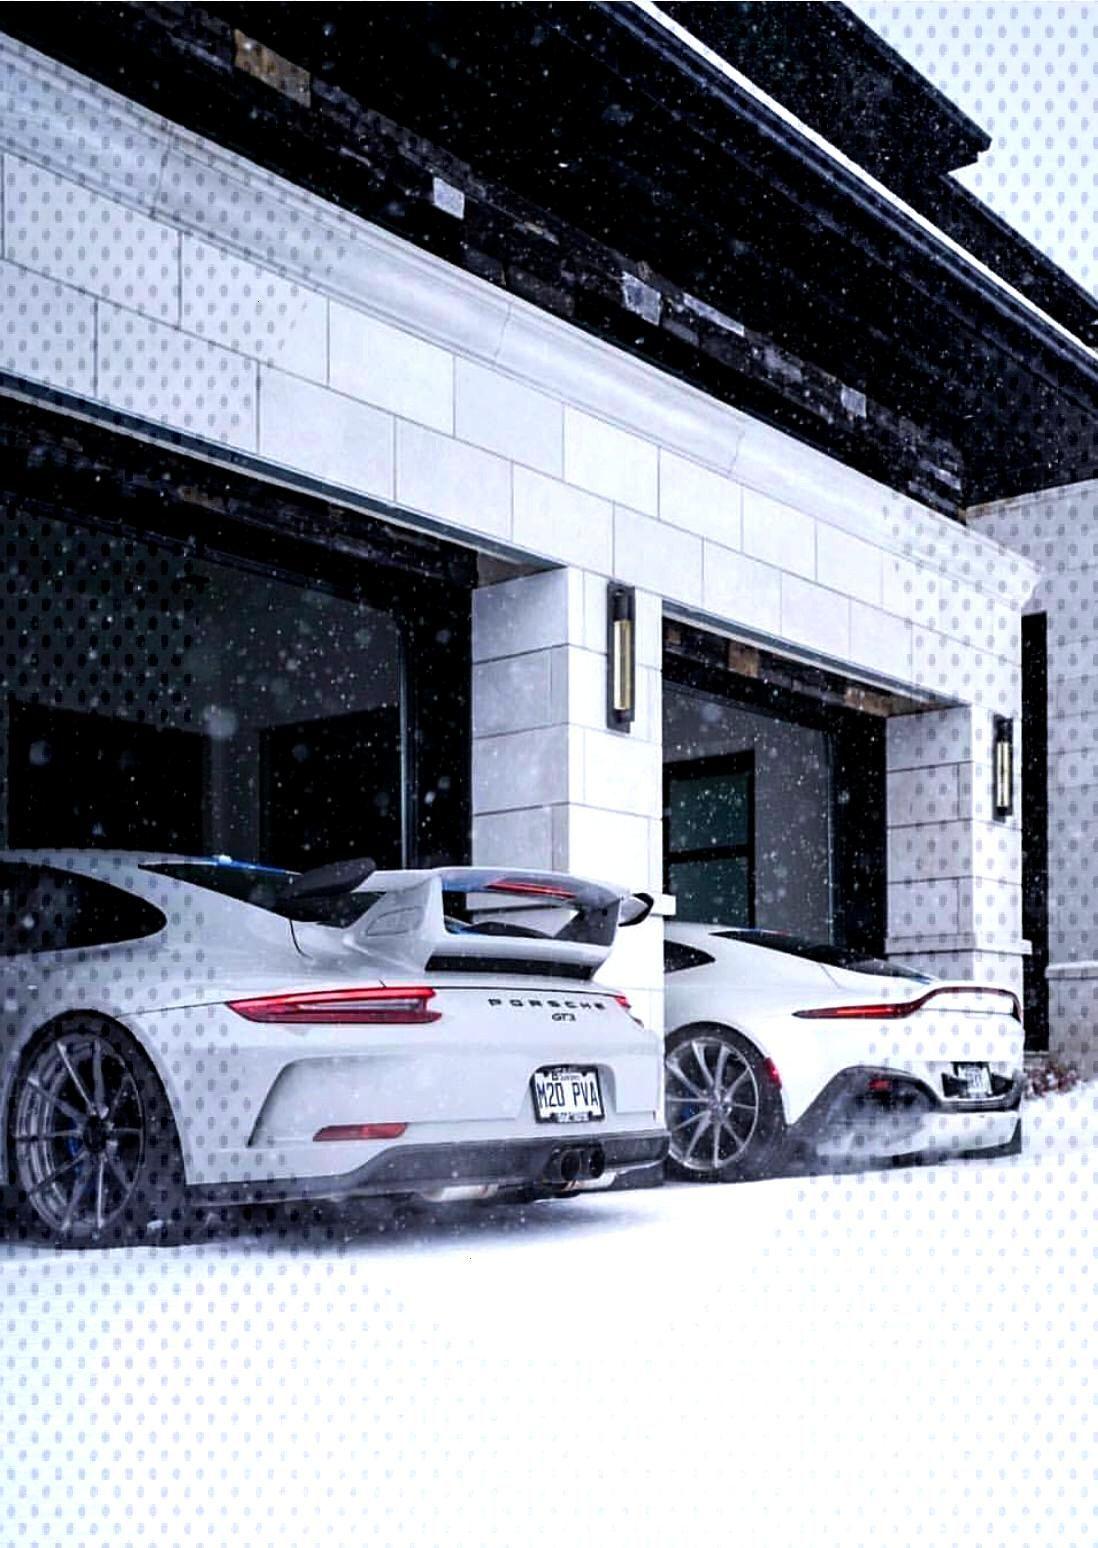 Porsche GT3 or Tesla